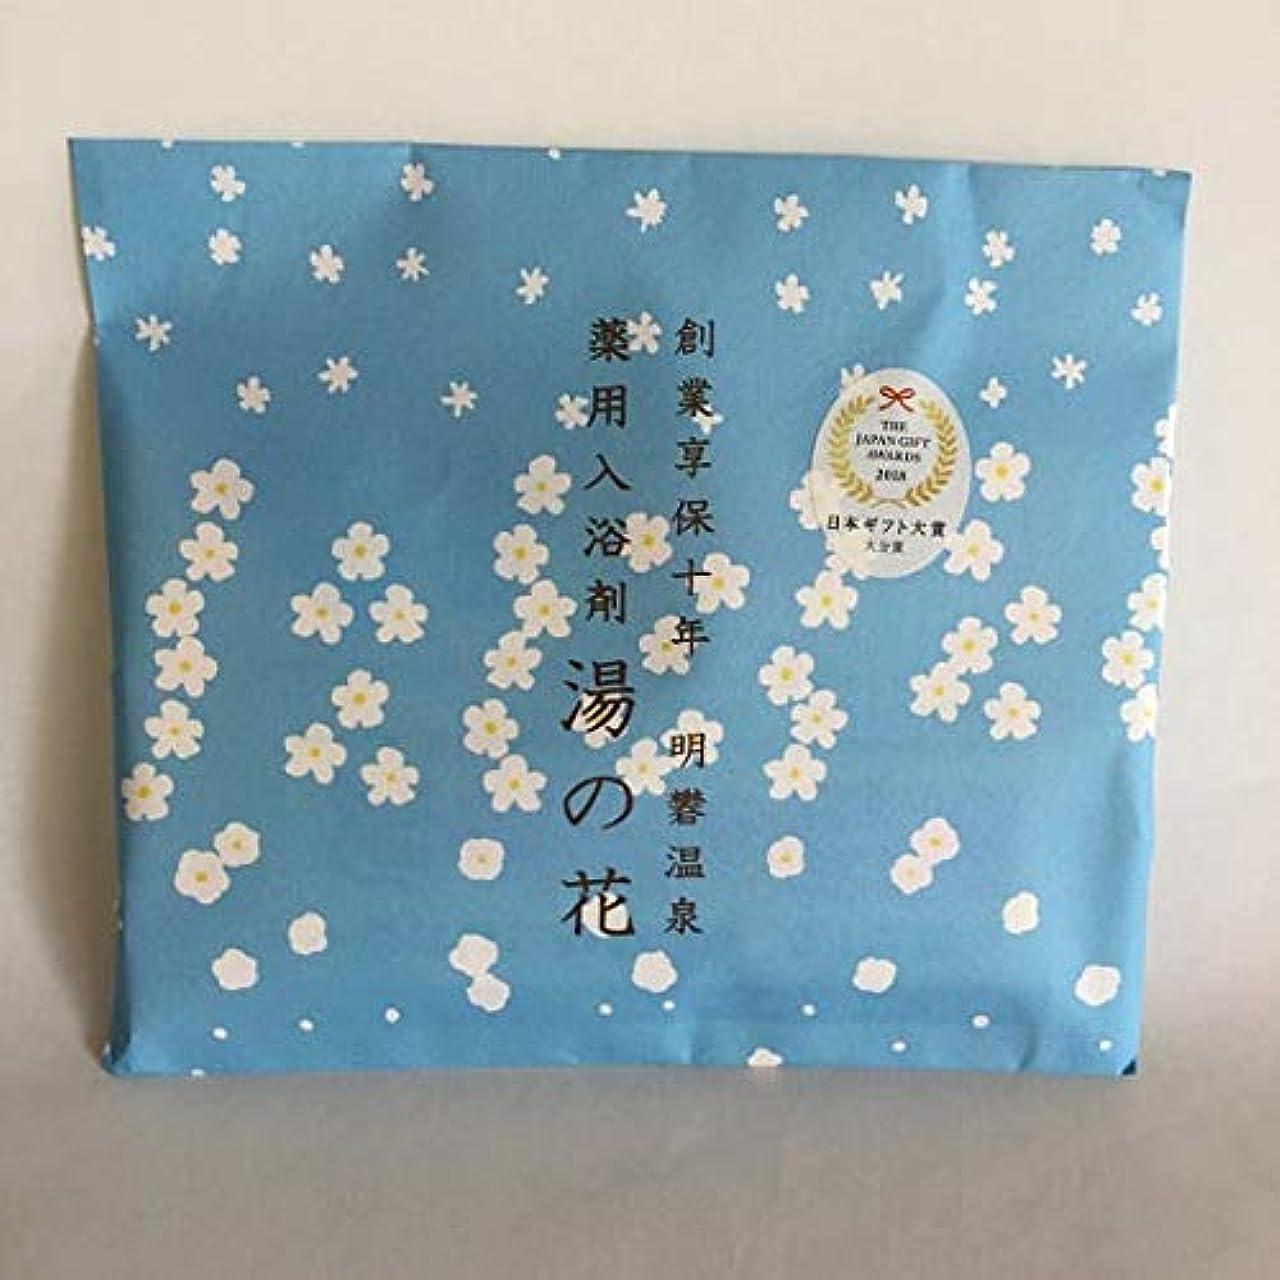 甘いサスペンド情緒的みょうばん湯の里 【医薬部外品】薬用 湯の花7回分 入浴剤 10g×7パック